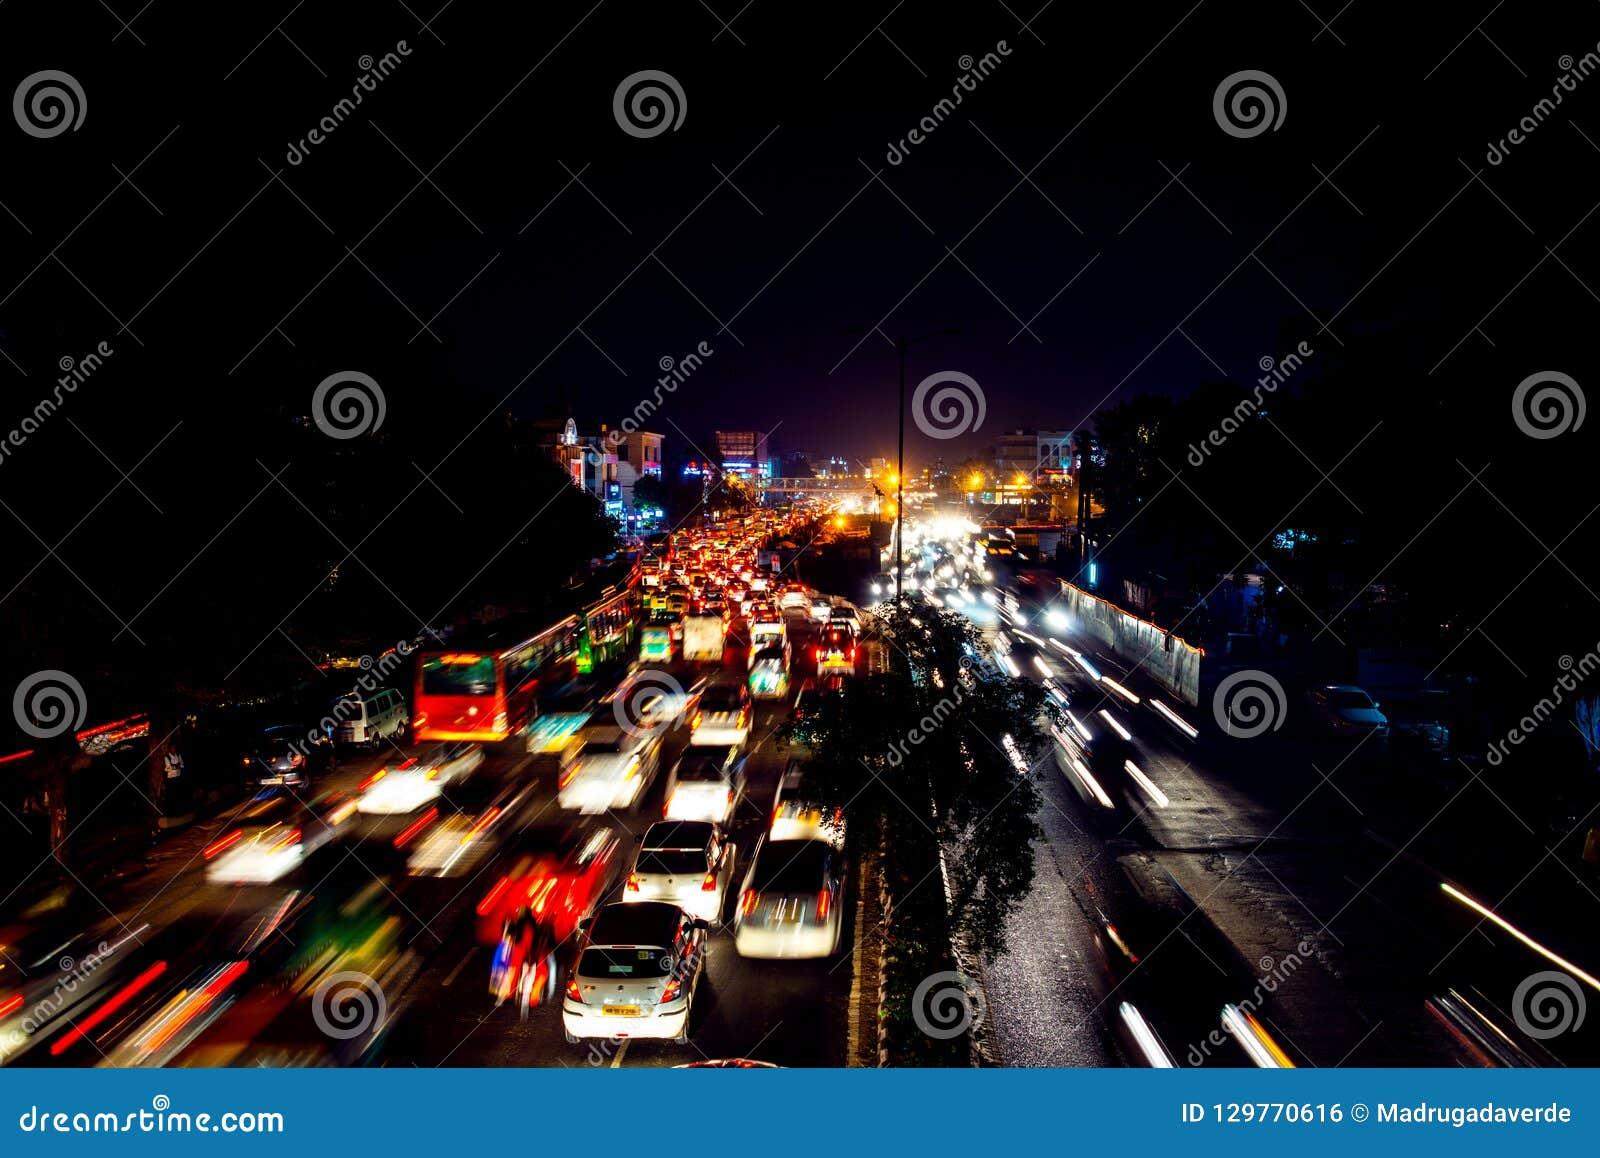 Tráfego de carro pesado no centro da cidade de Deli, Índia na noite